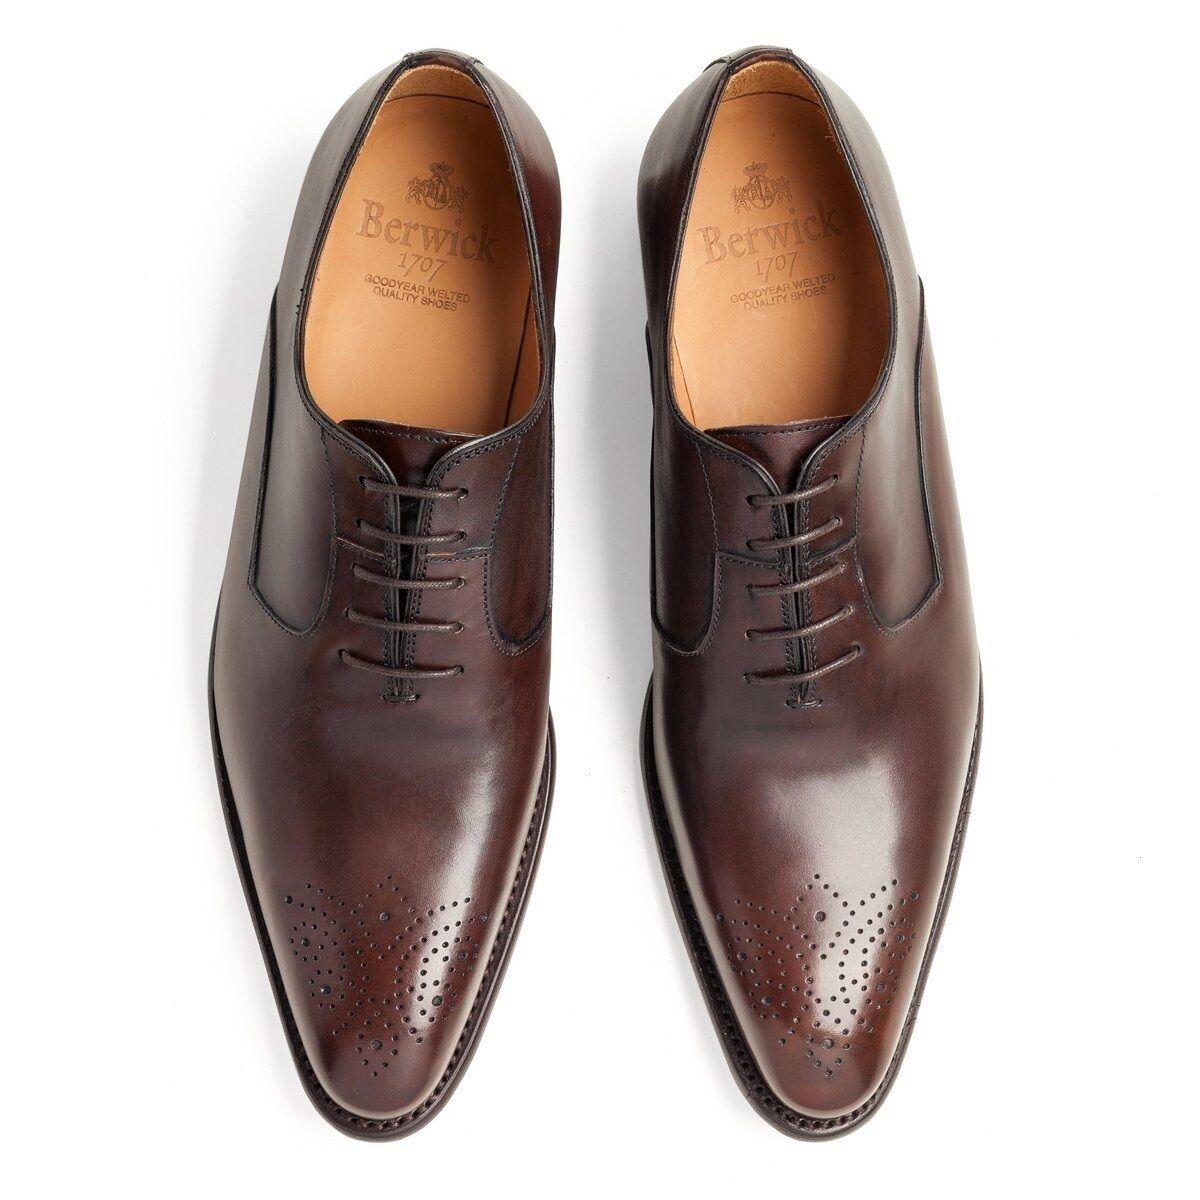 Испанская обувь Berwick